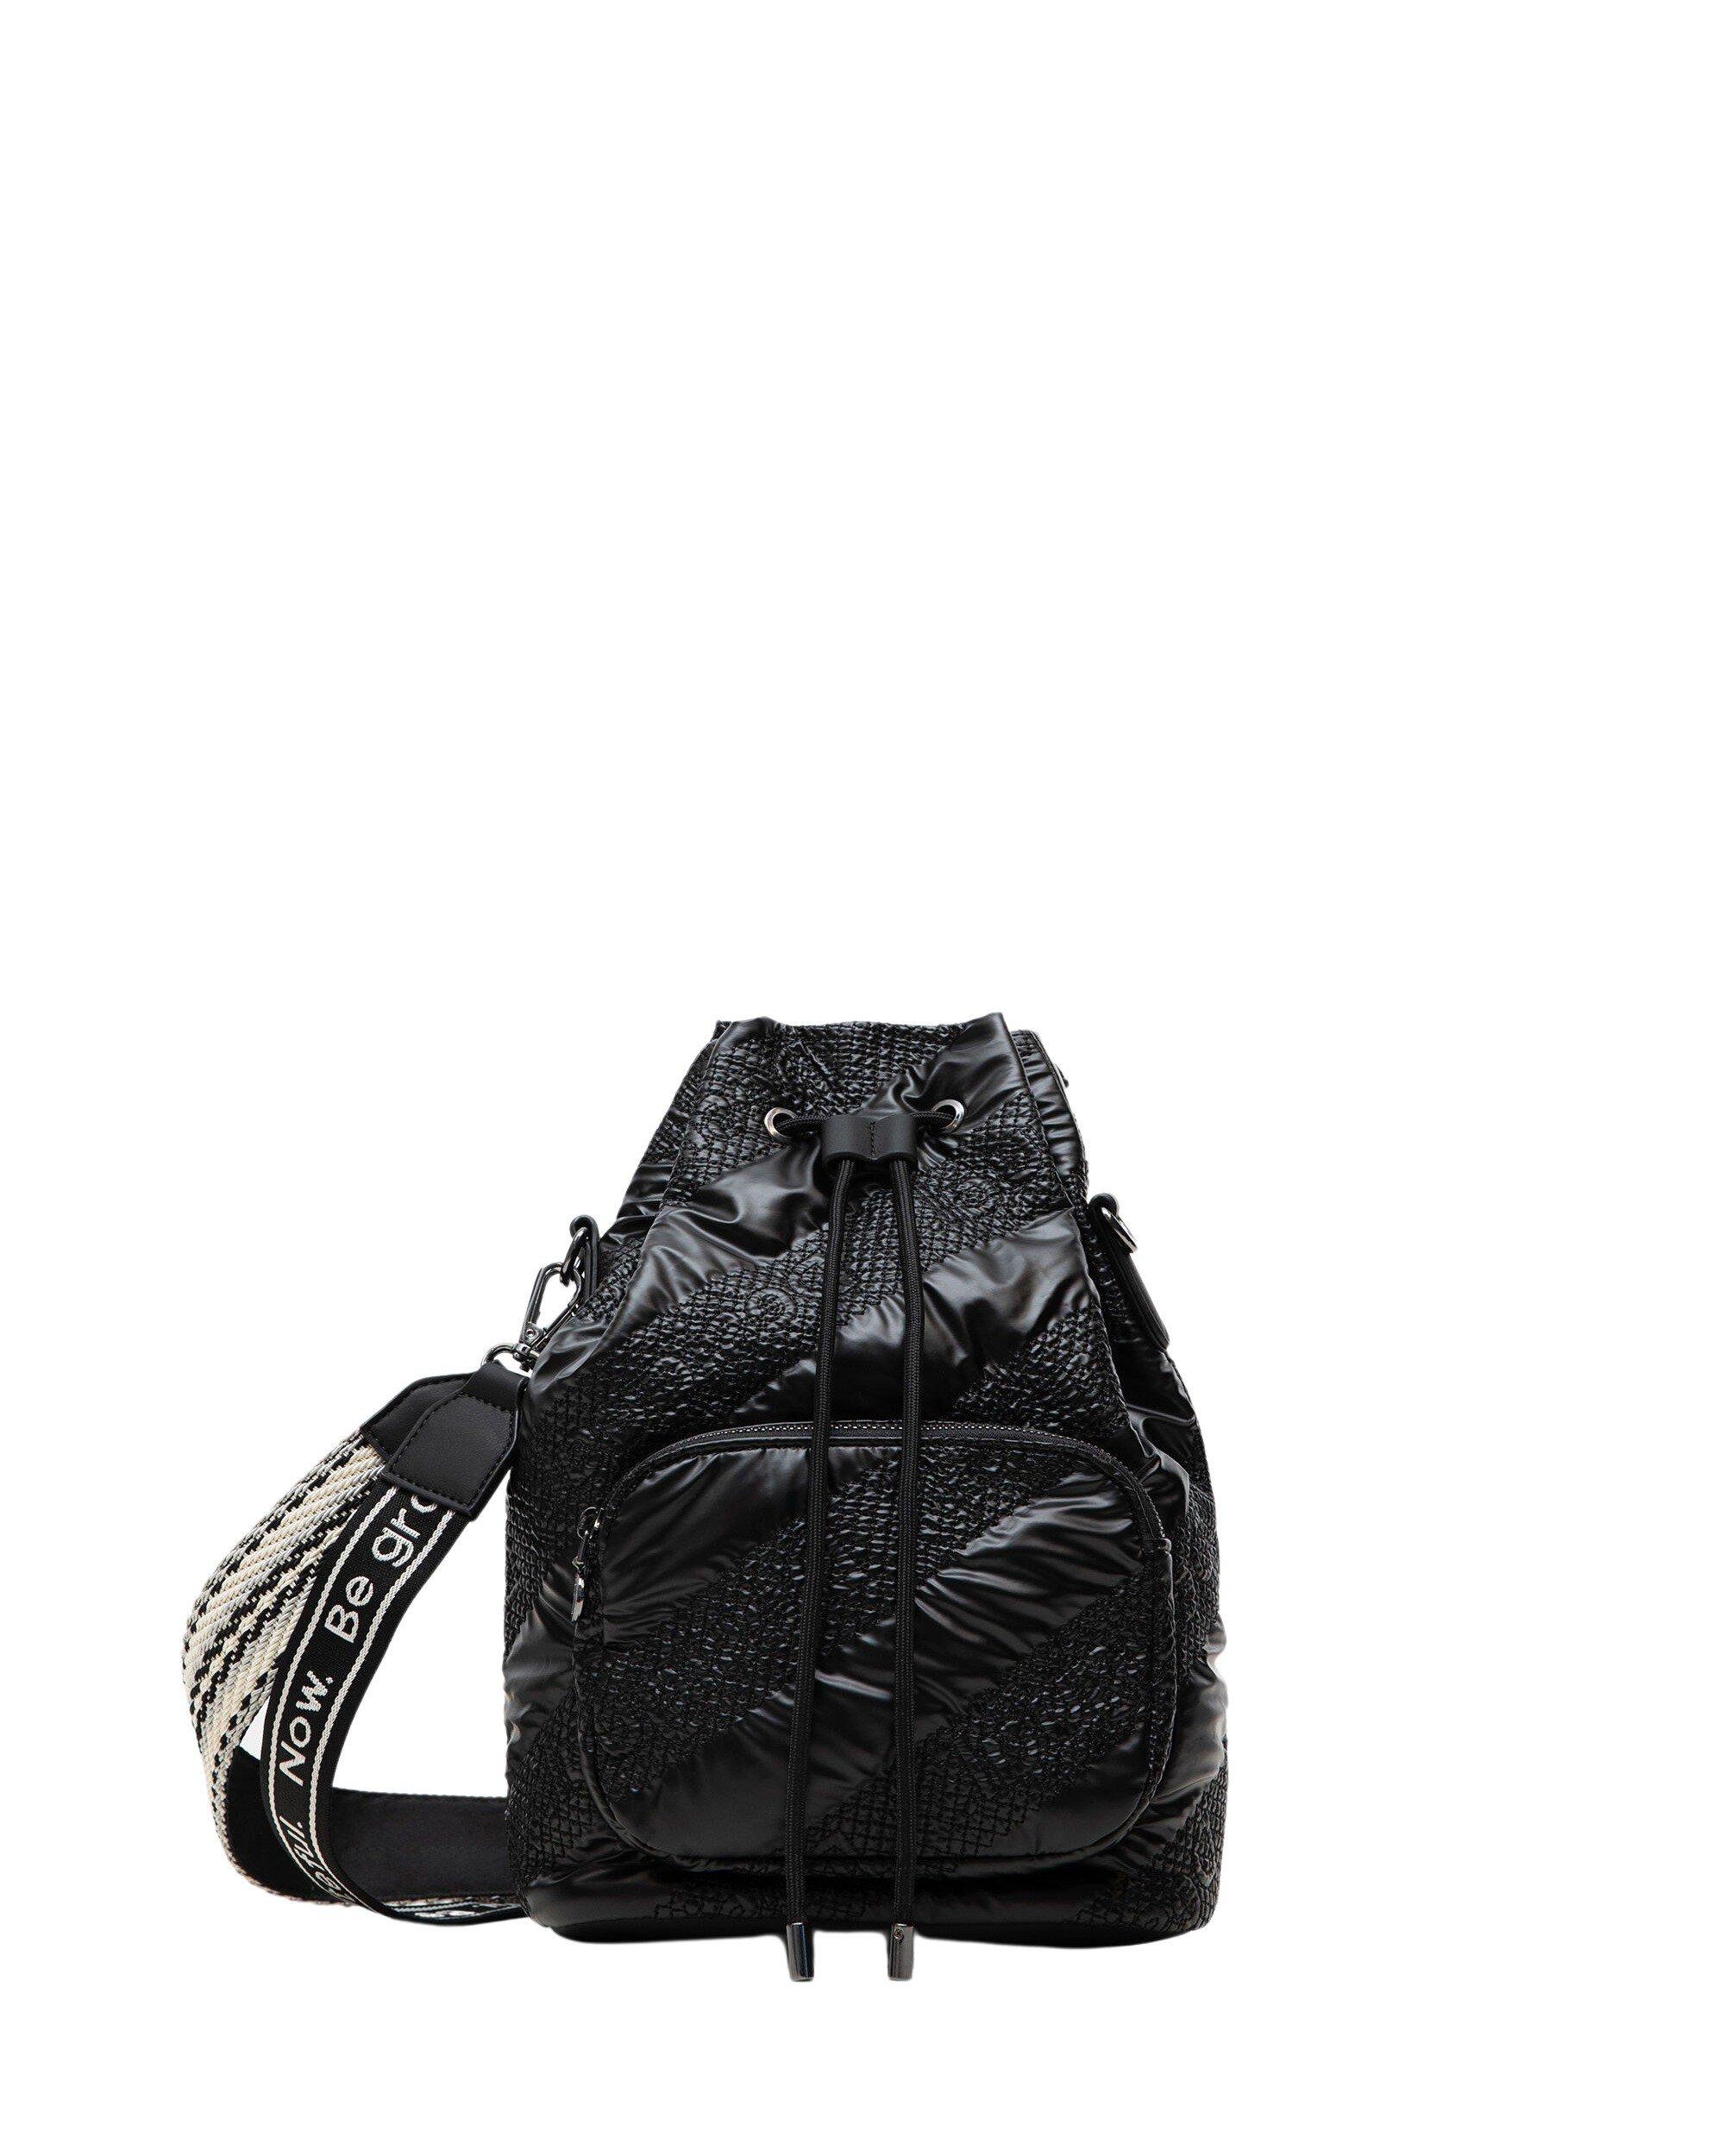 Desigual Women's Bag Various Colours 188421 - black UNICA